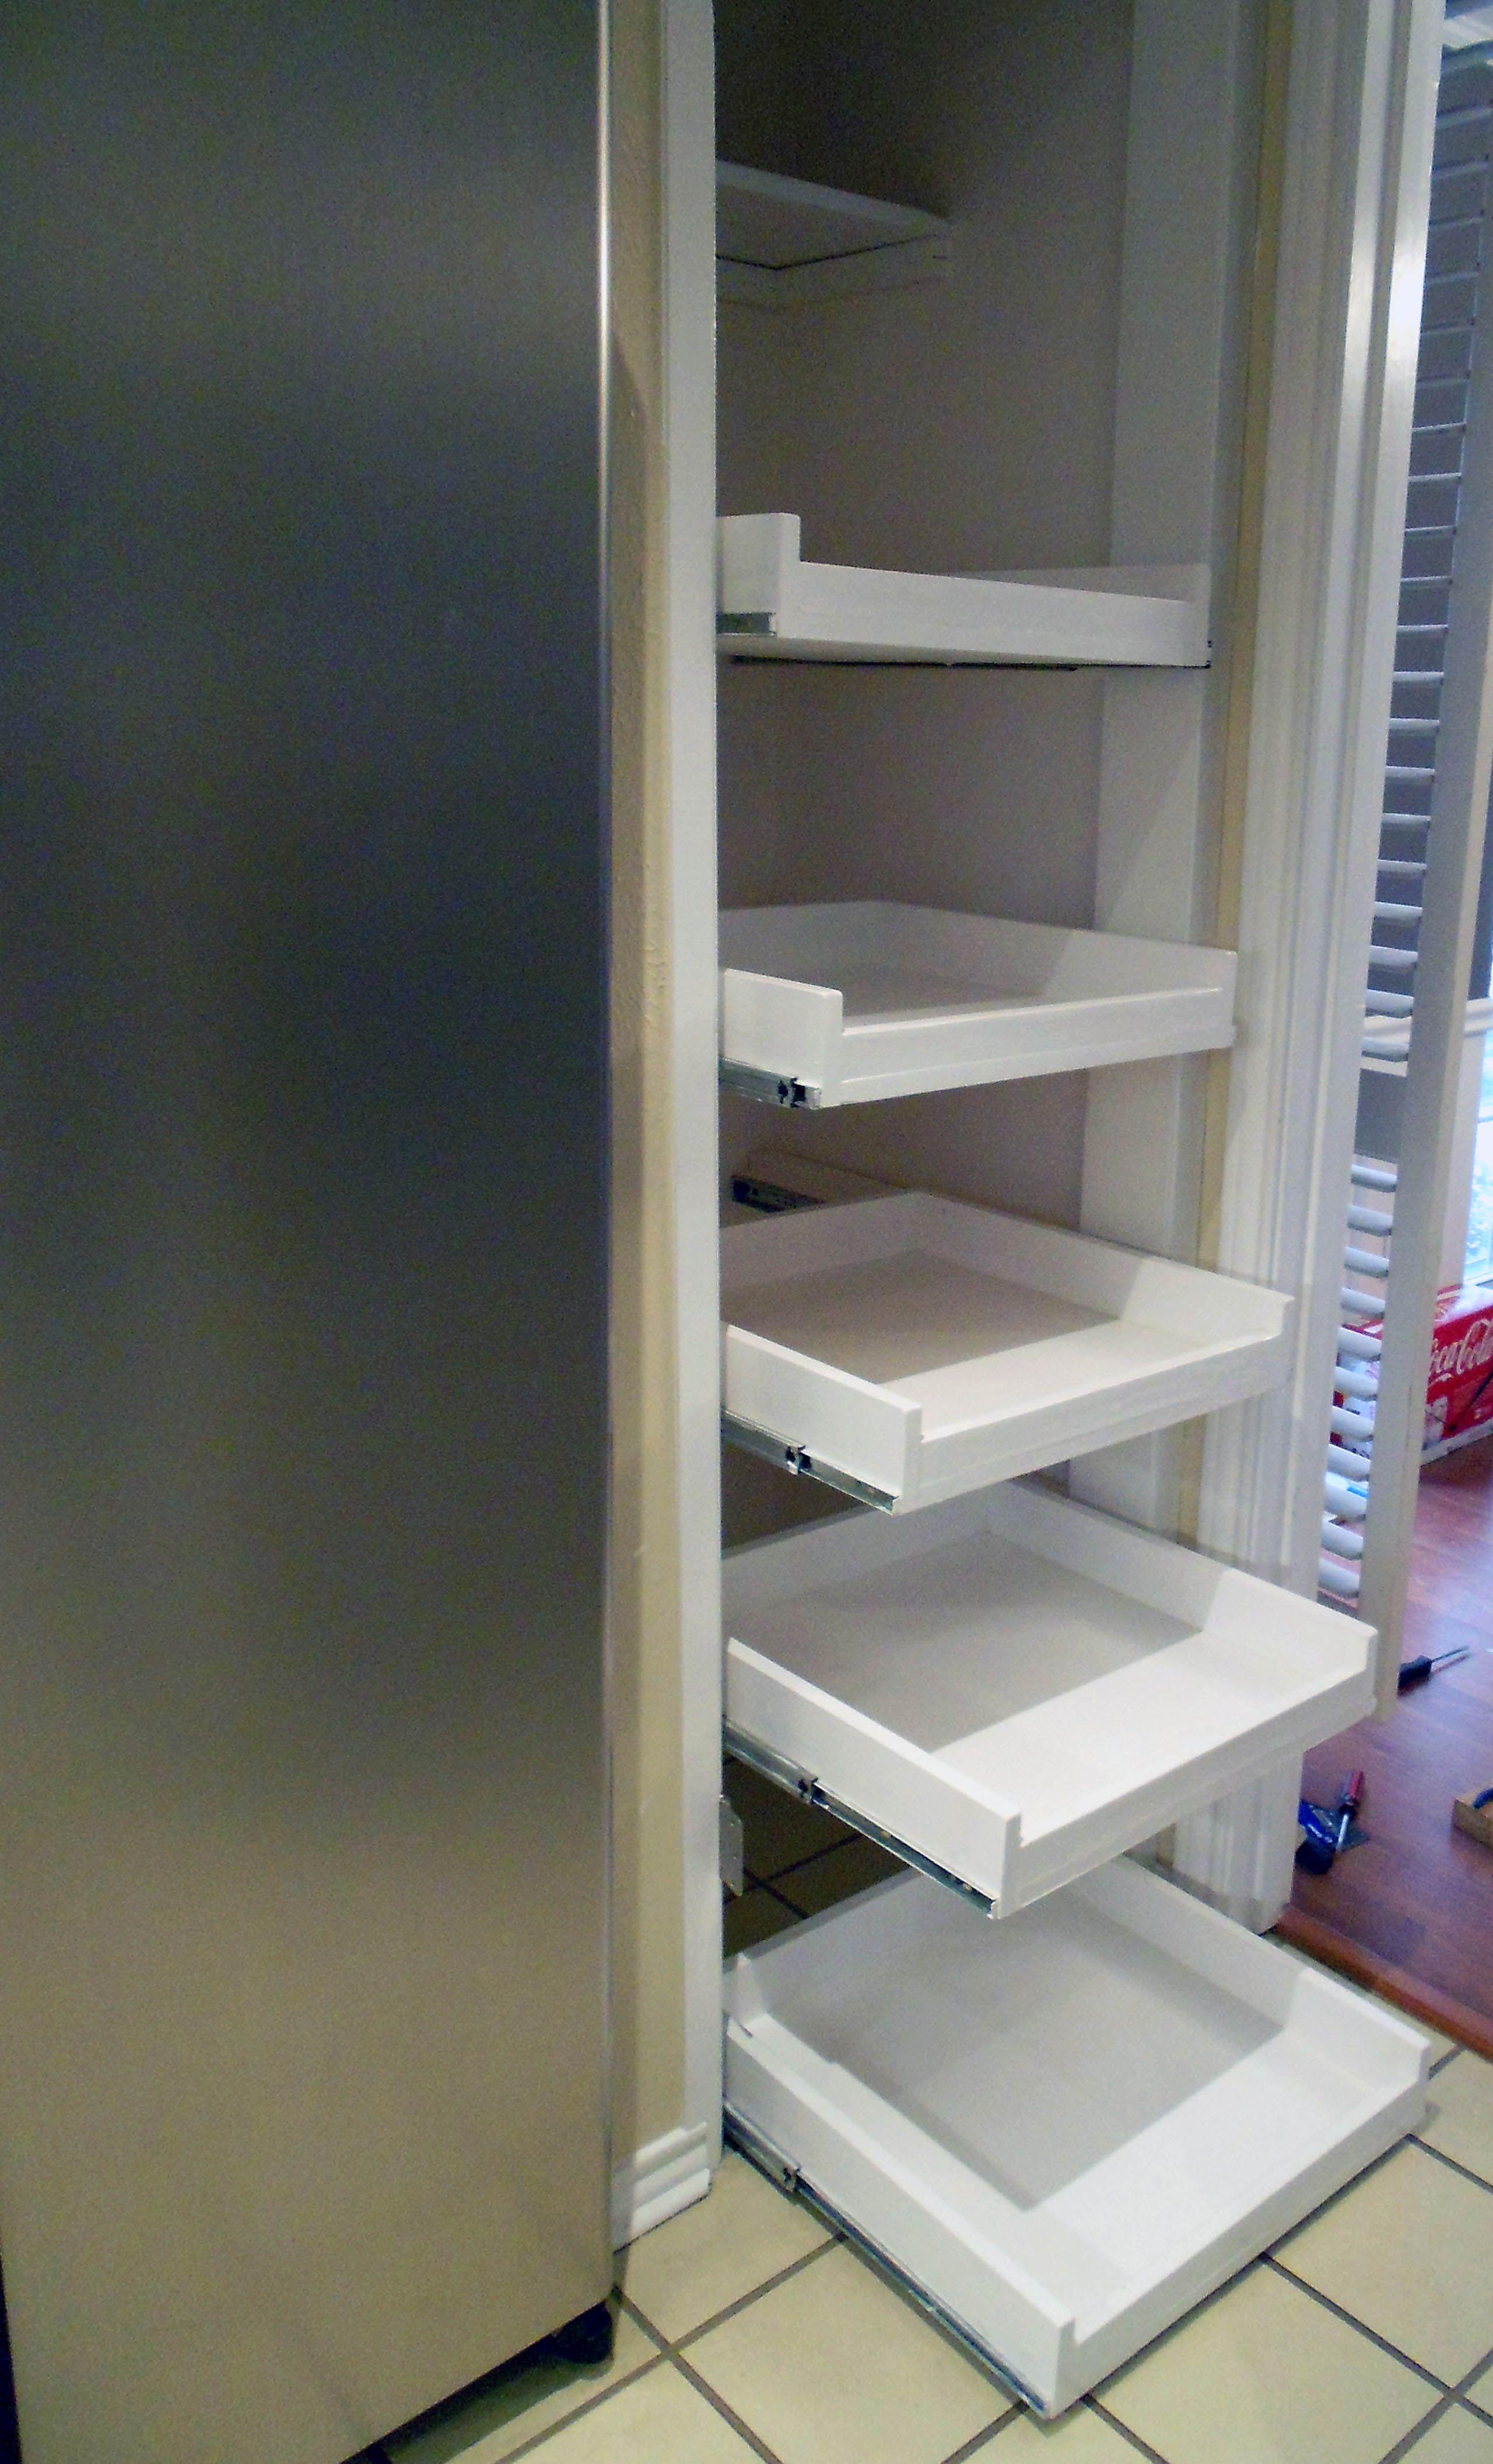 Extended Shelf Life